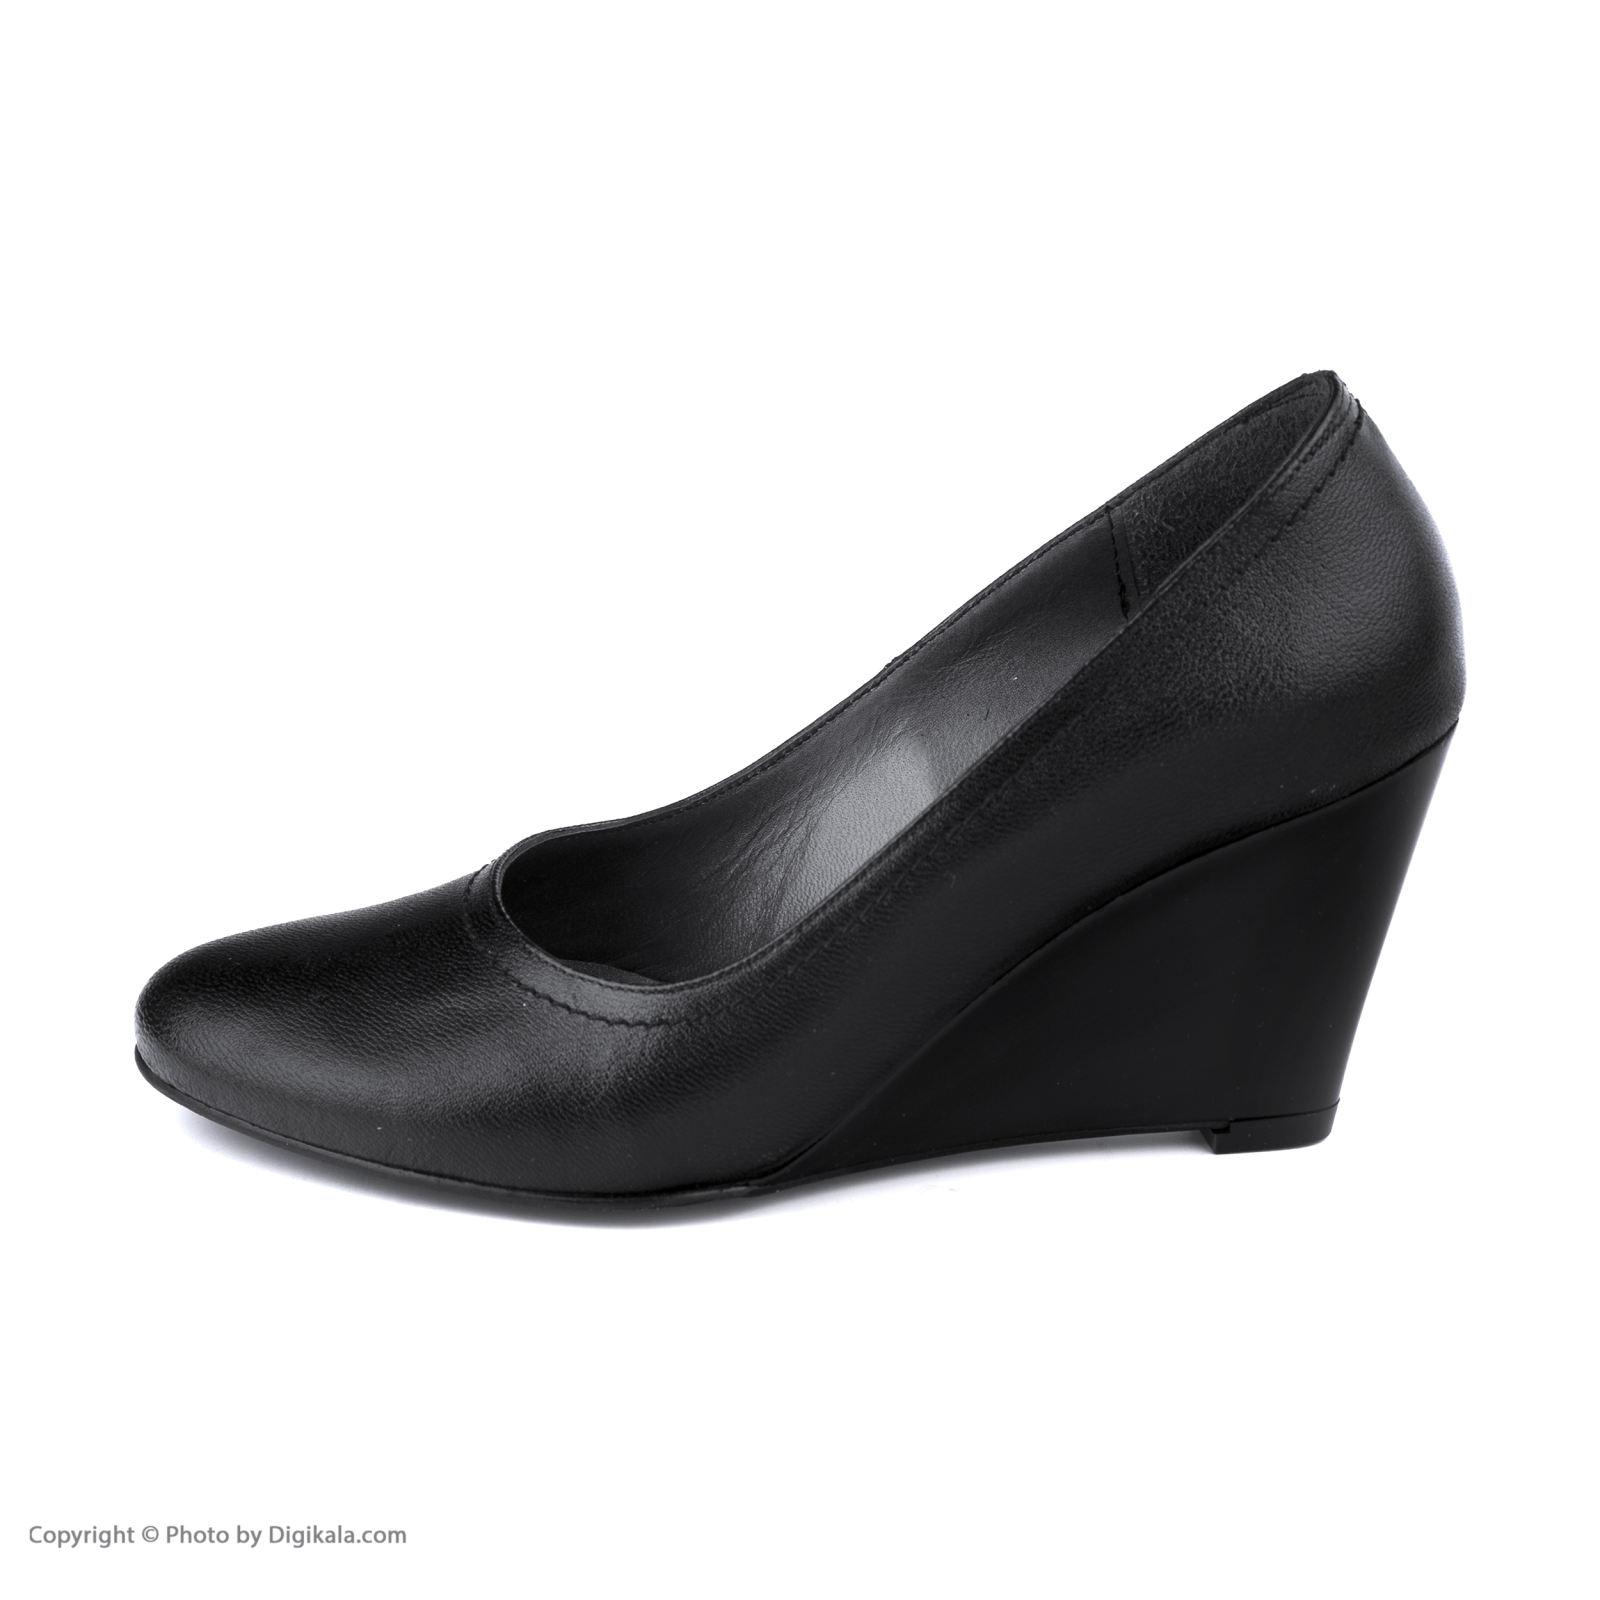 کفش زنانه شهر چرم مدل pc2041 -  - 3